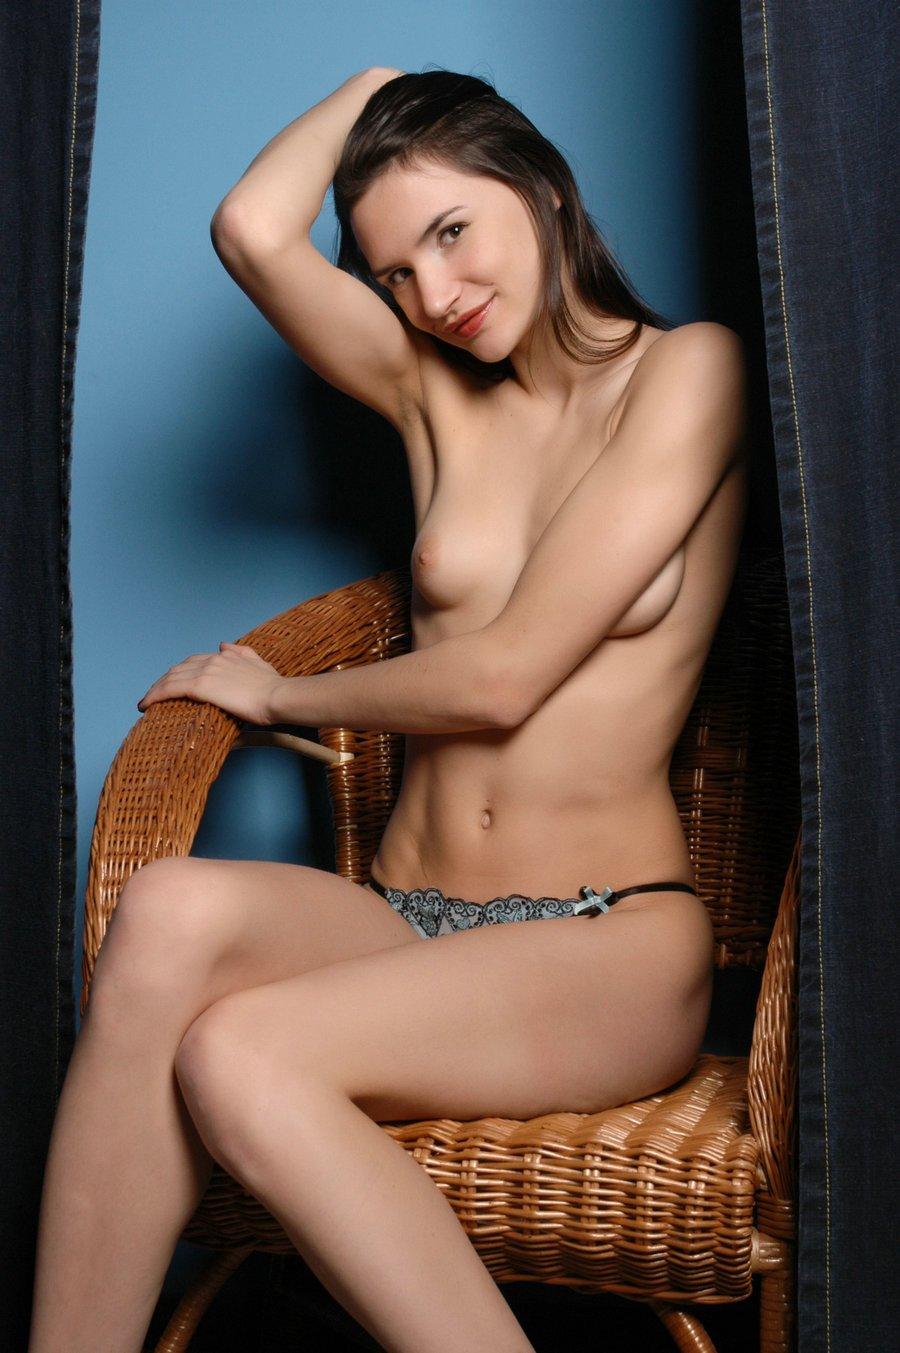 波霸女_蓝色背景室拍藤椅上的长头发超模